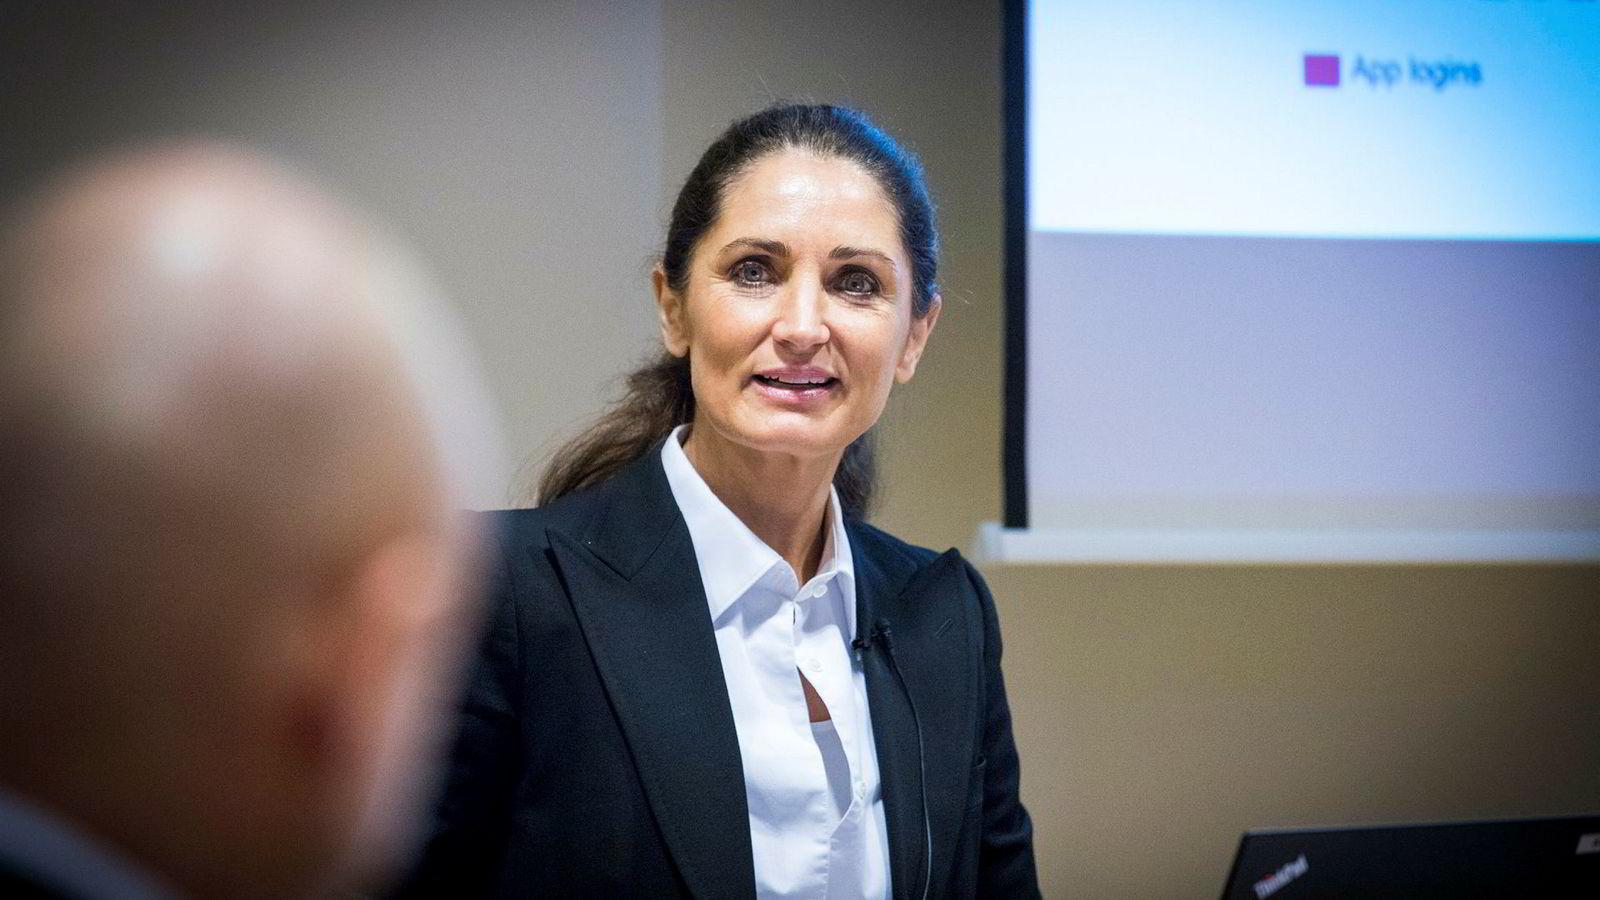 Administrerende direktør Tine Wollebekk i Bank Norwegian har tidligere vært ordknapp på hva hun mener om kravene om å flytte banken utenlands.